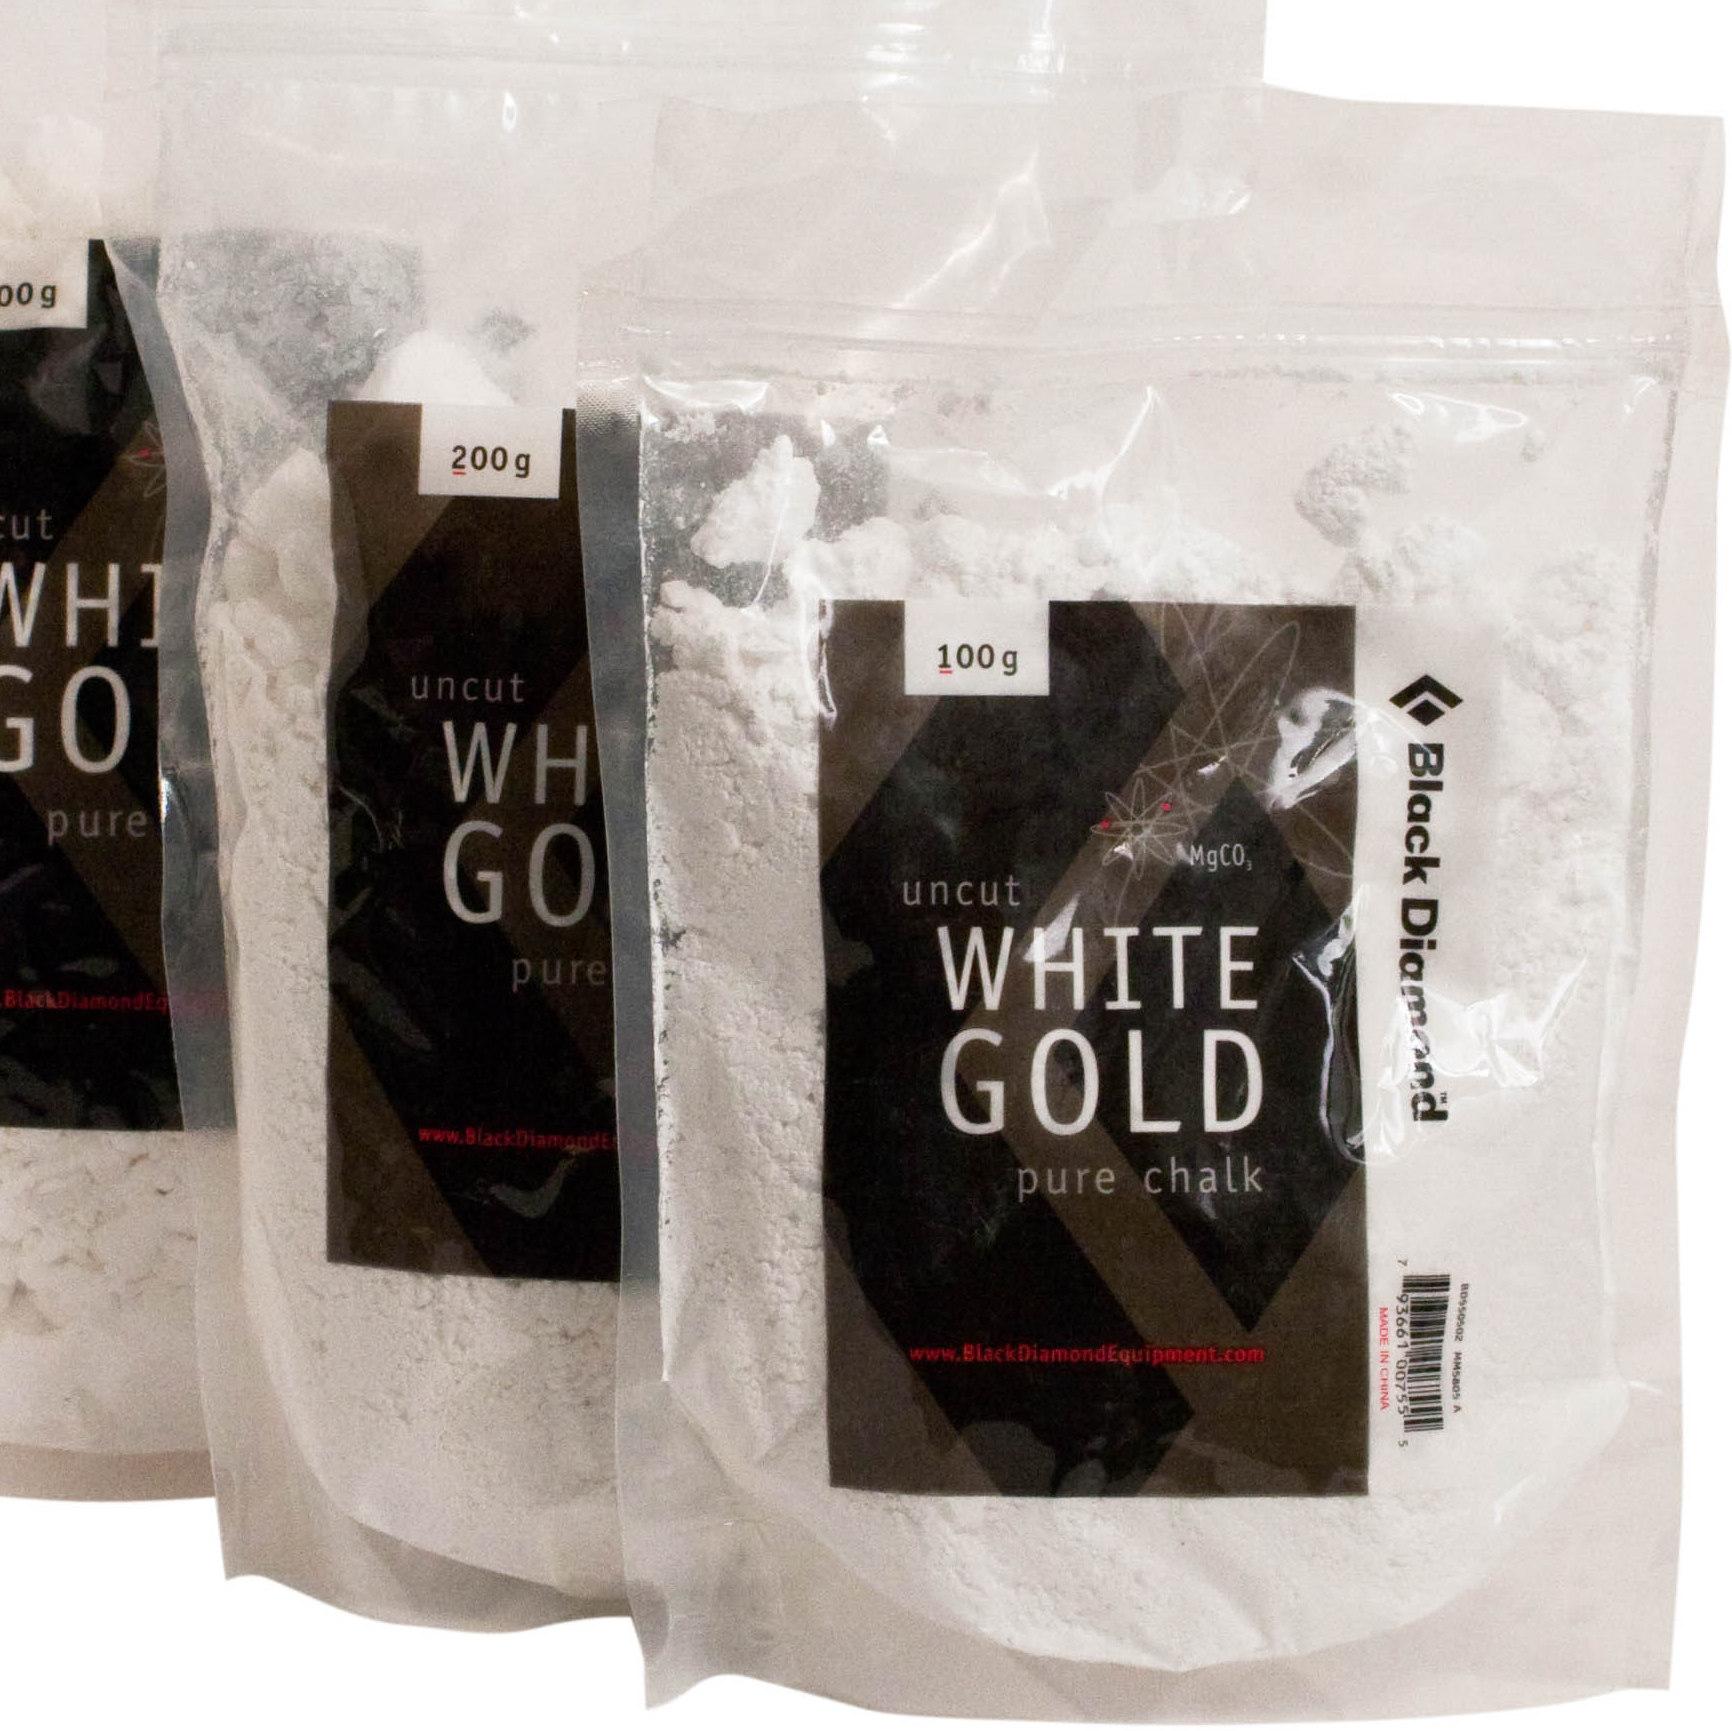 Black Diamond White Gold Pure Chalk 100g ~ 200g